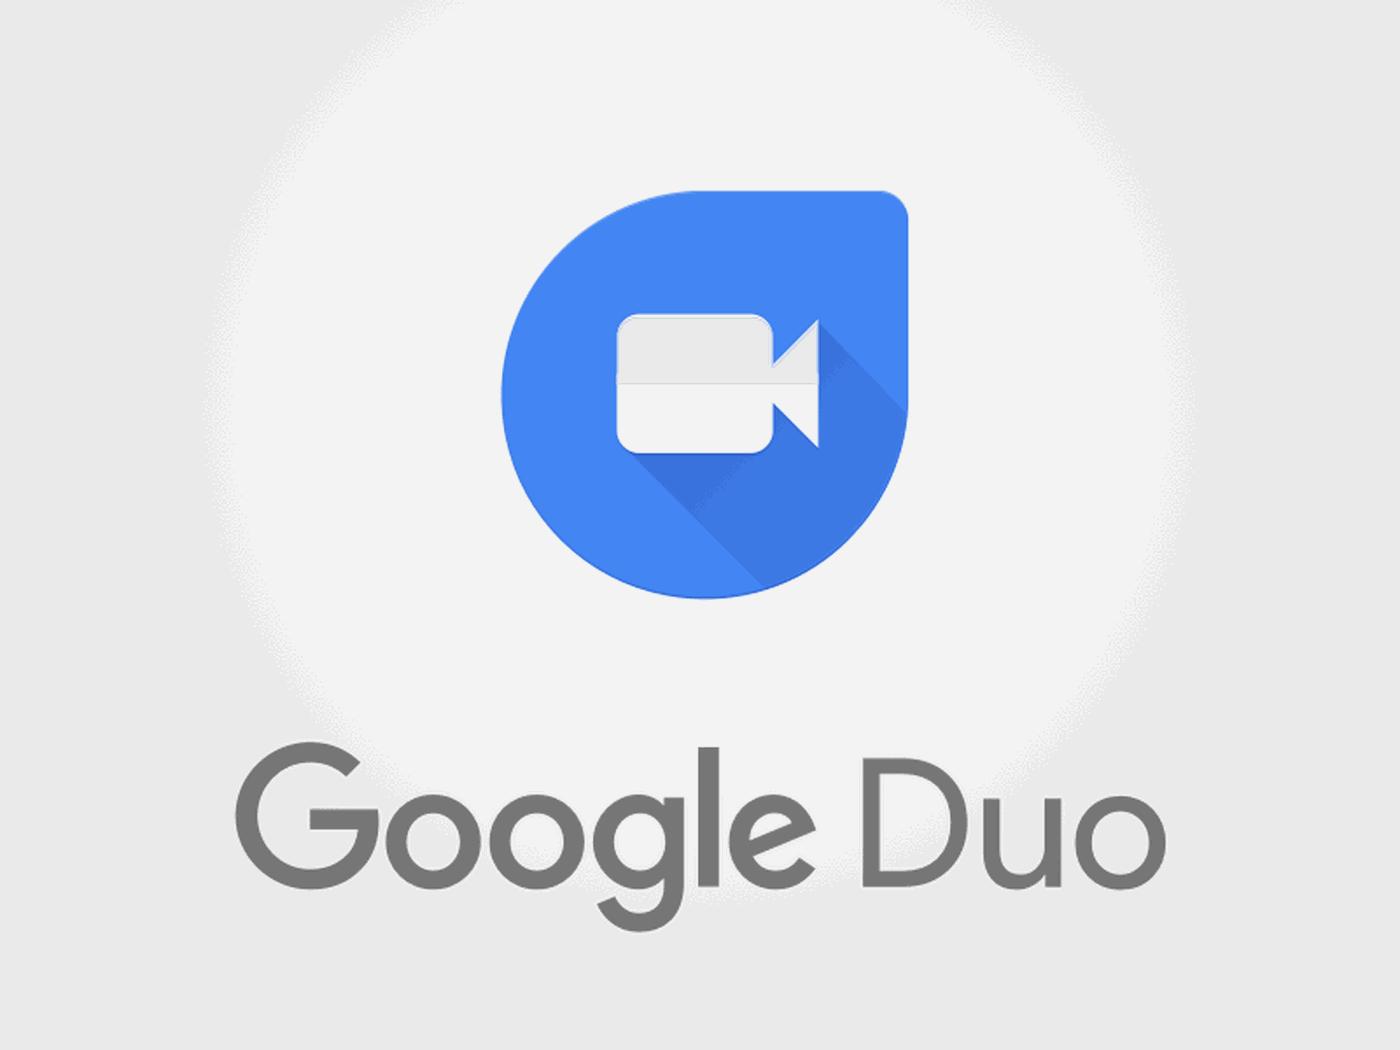 آخرین نسخه 107.0.33 از برنامه Google Duo را بارگیری کنید